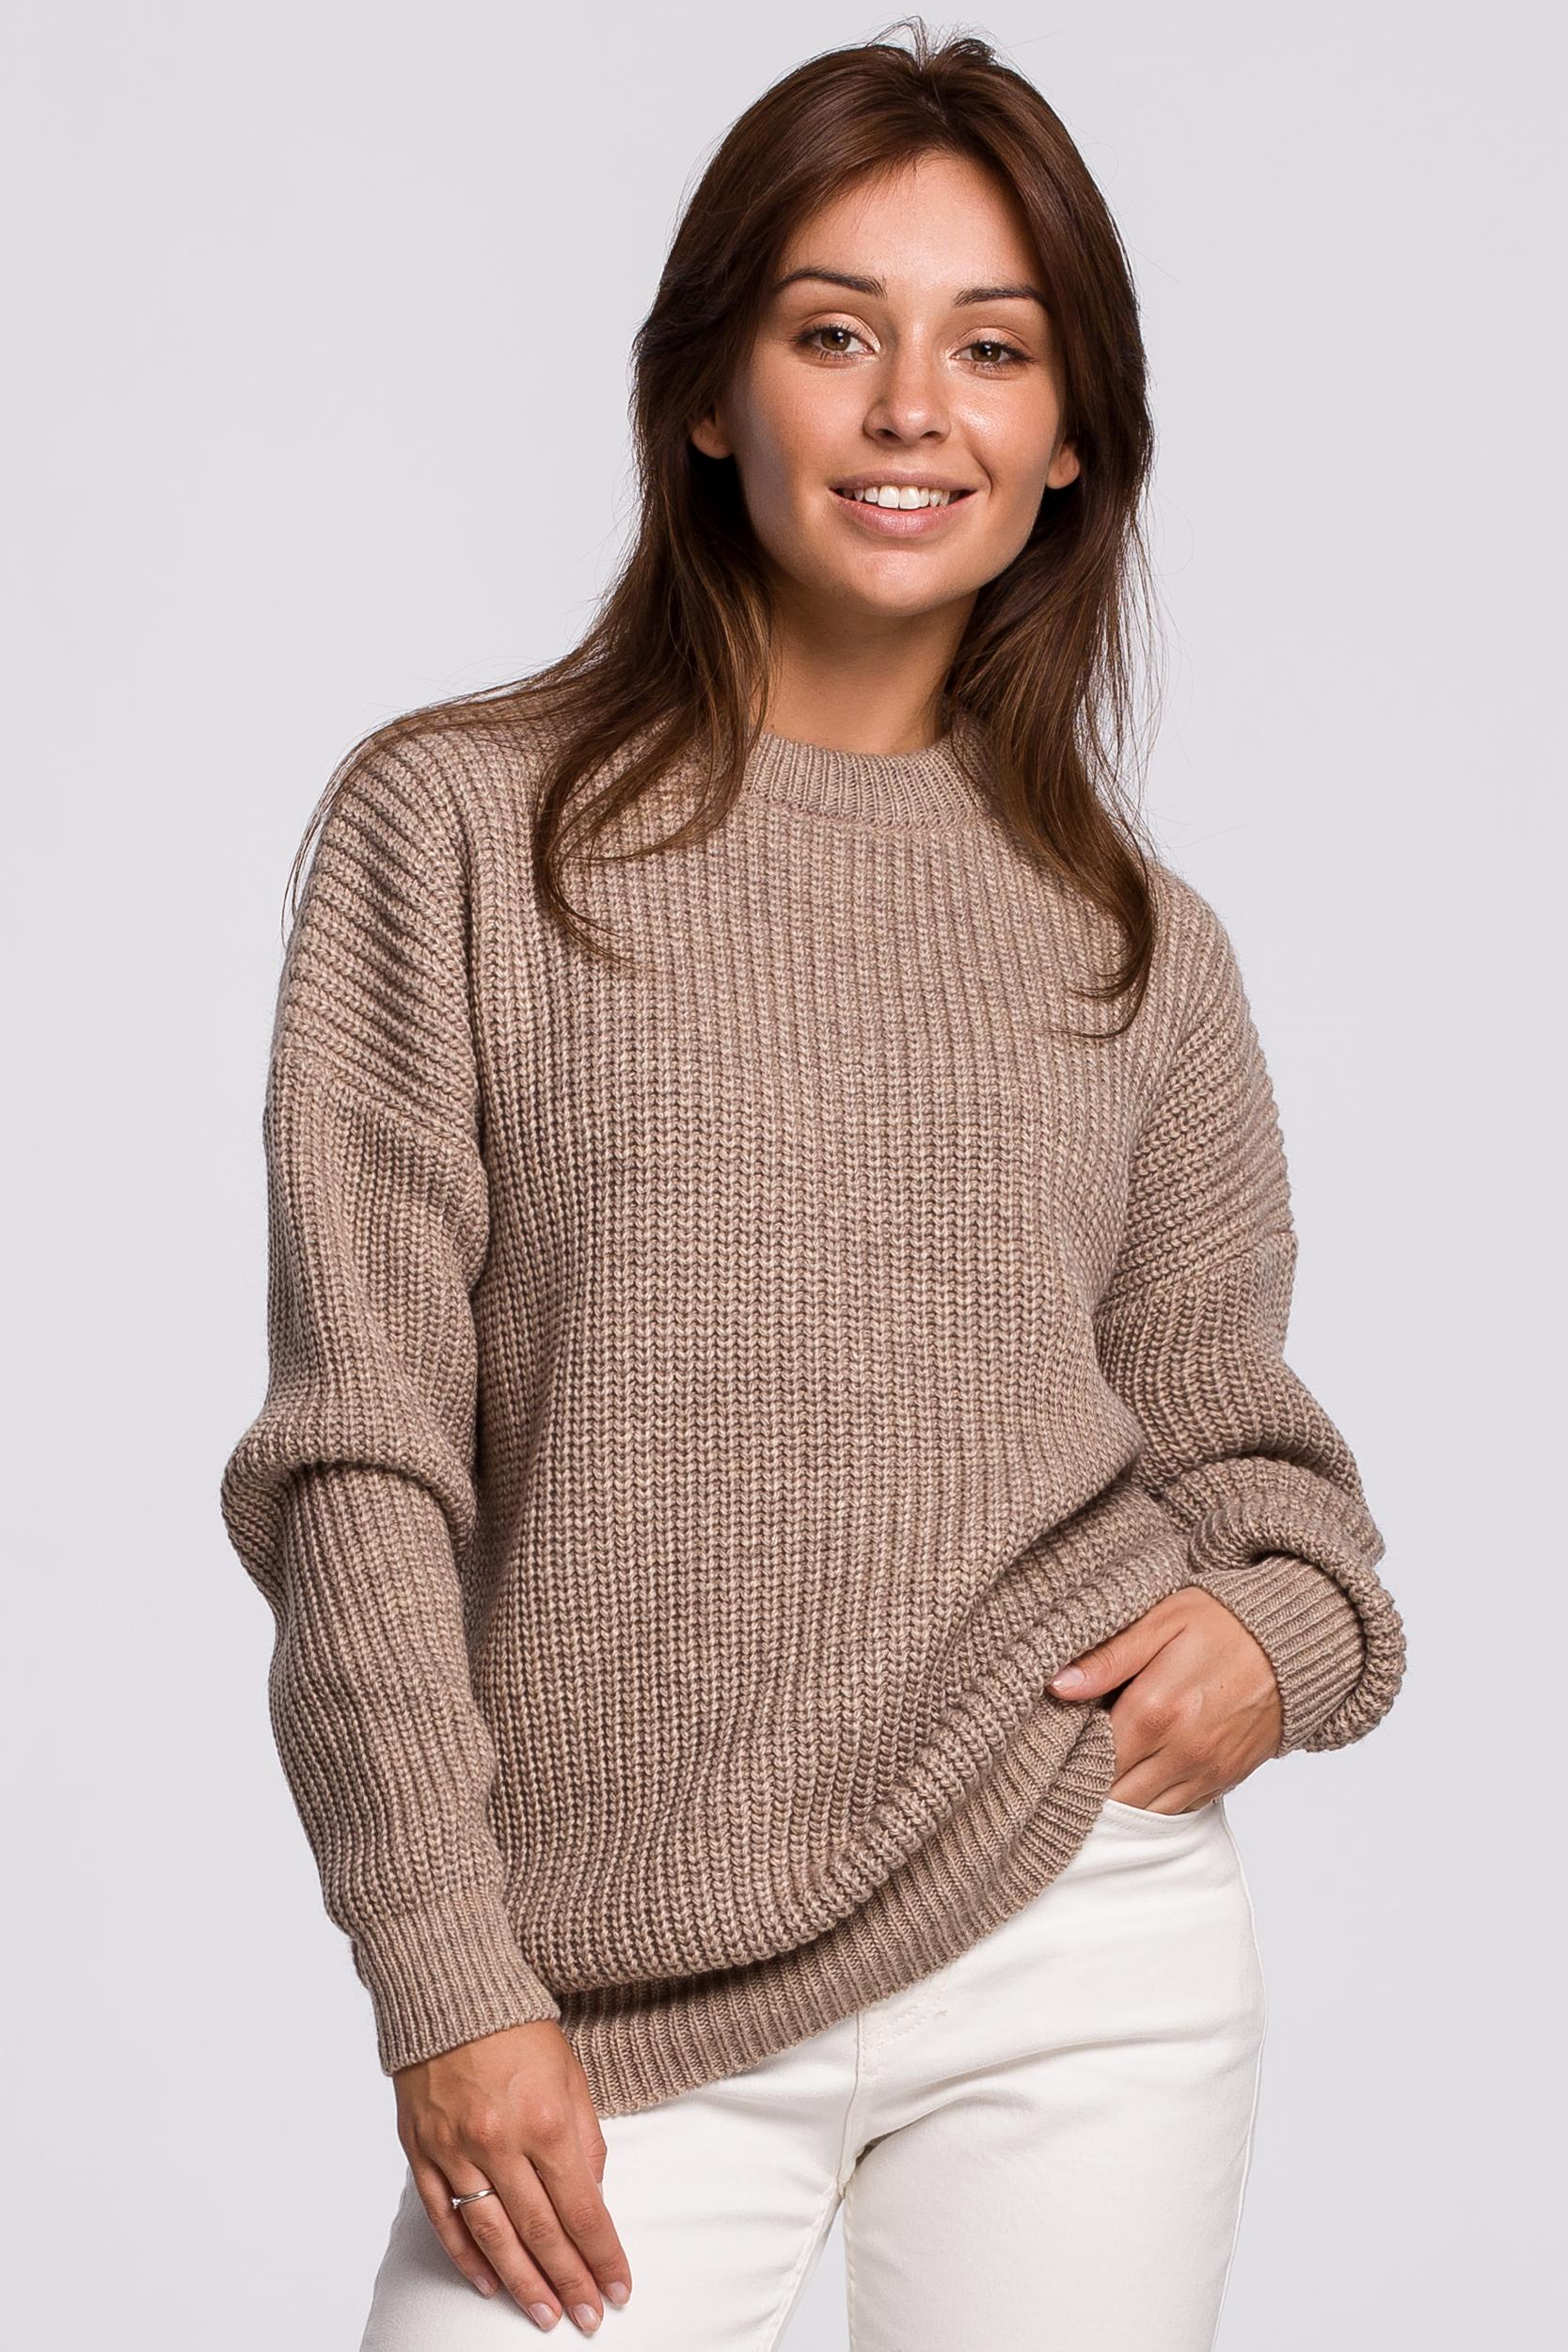 Sweater in Cappuccino Vorderansicht